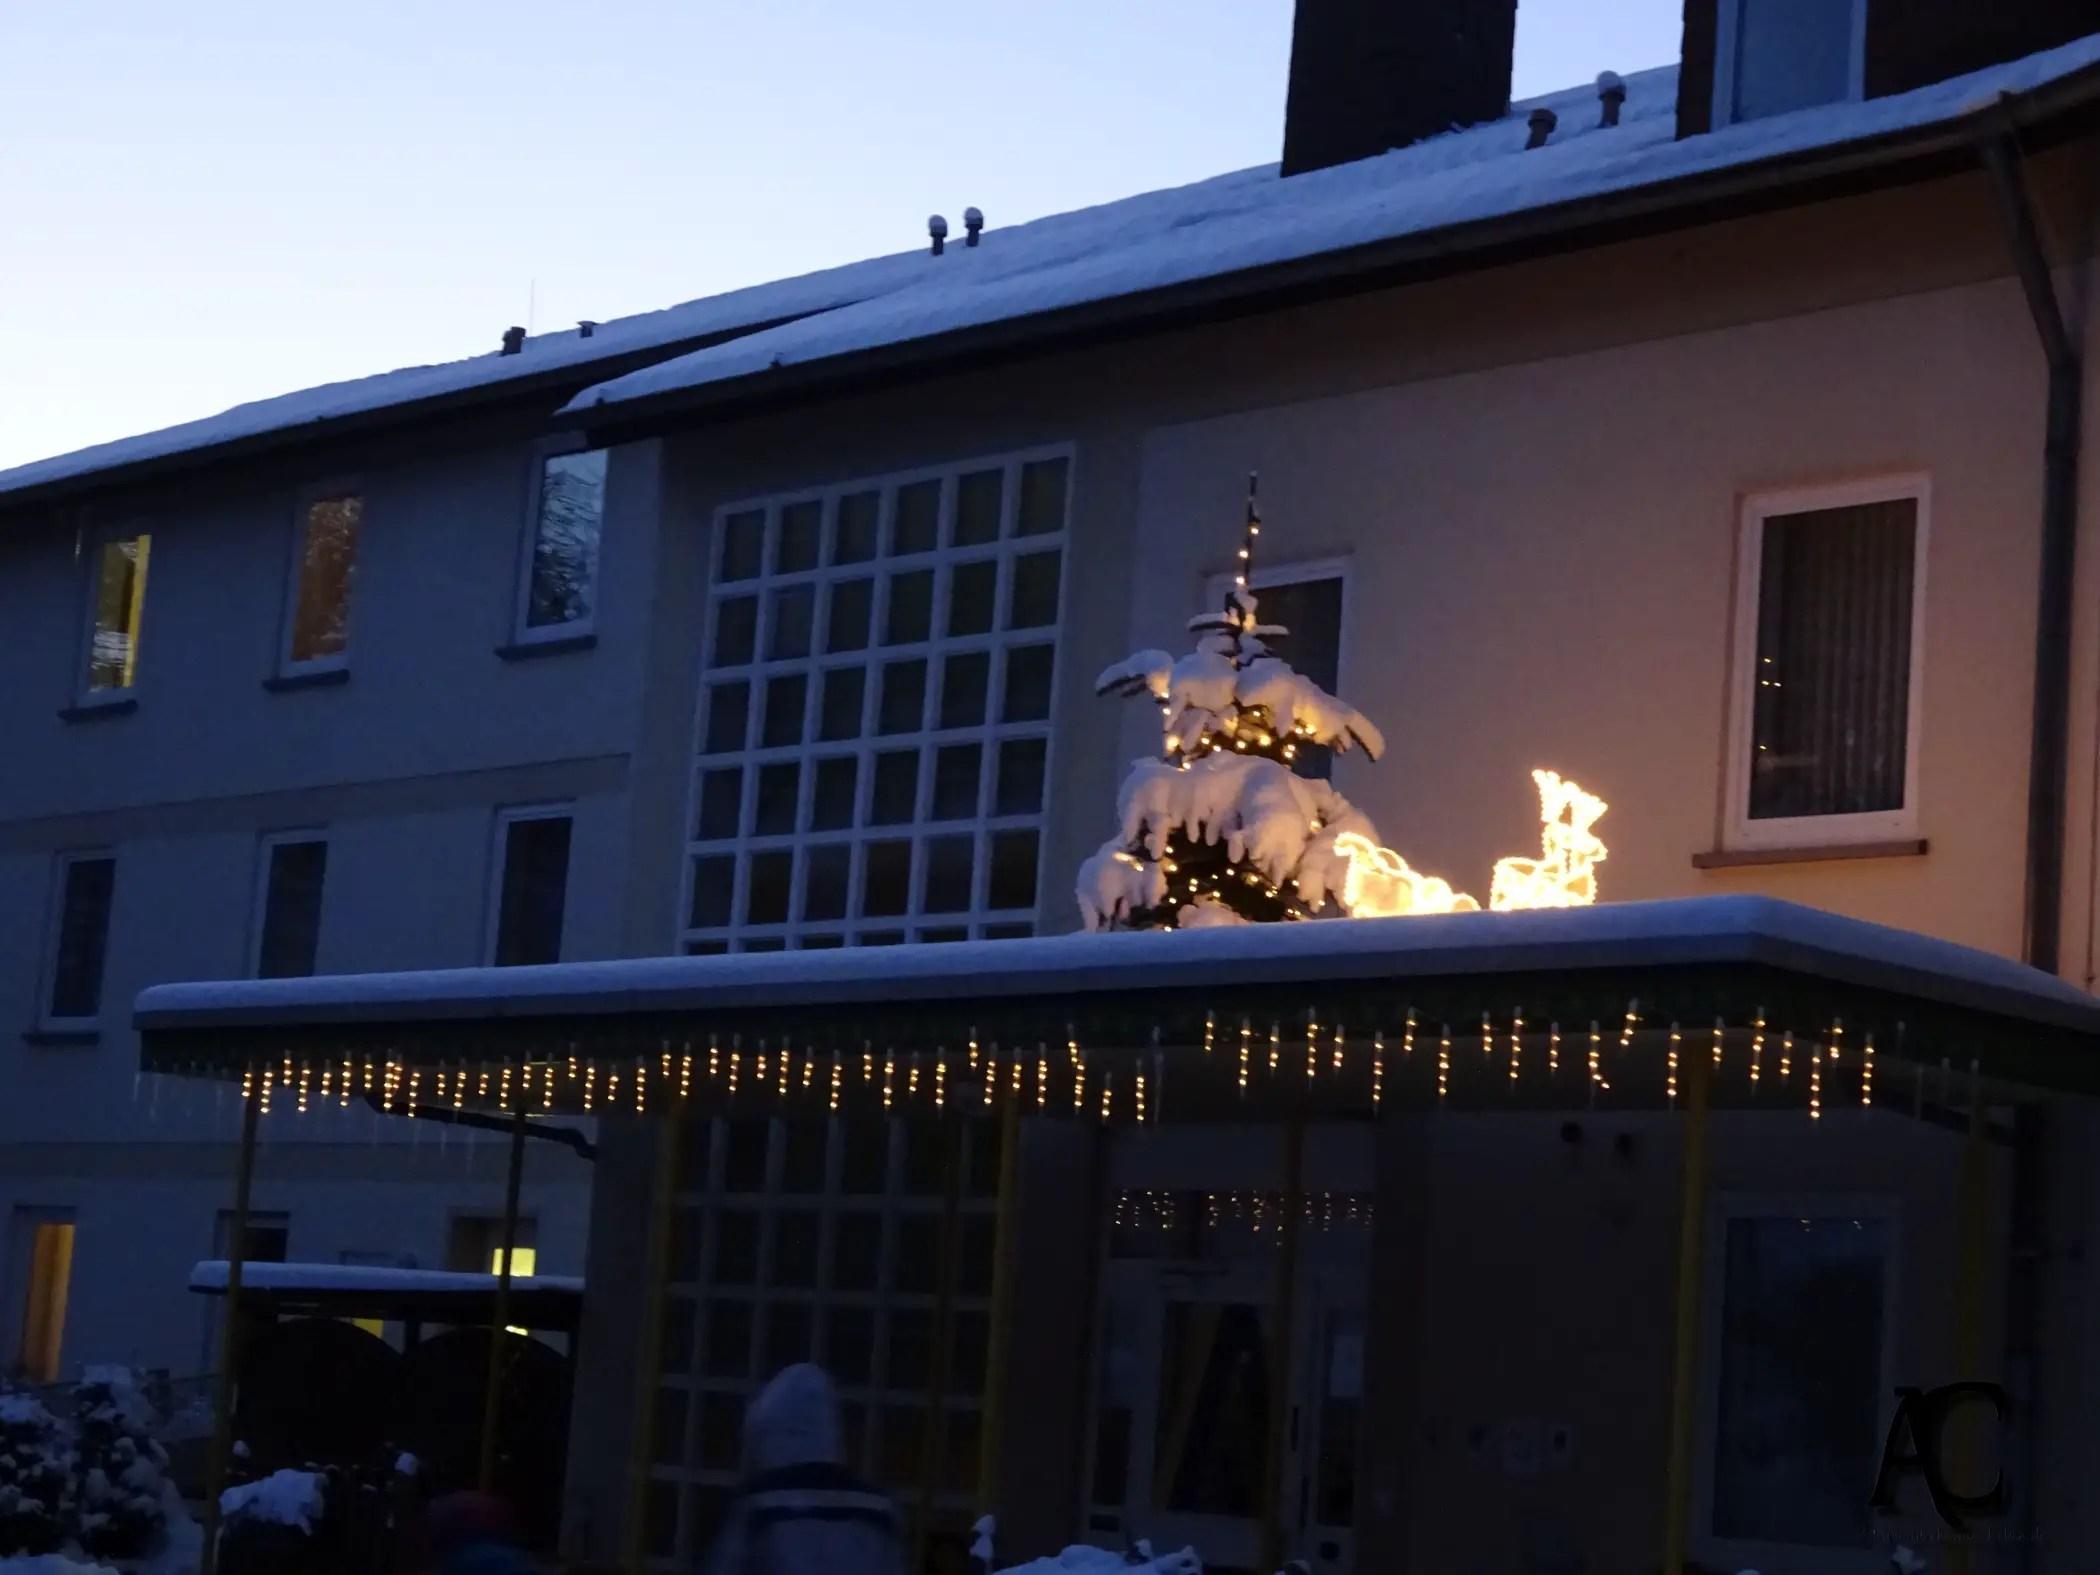 Jugendherberge im Silvester-Glanz